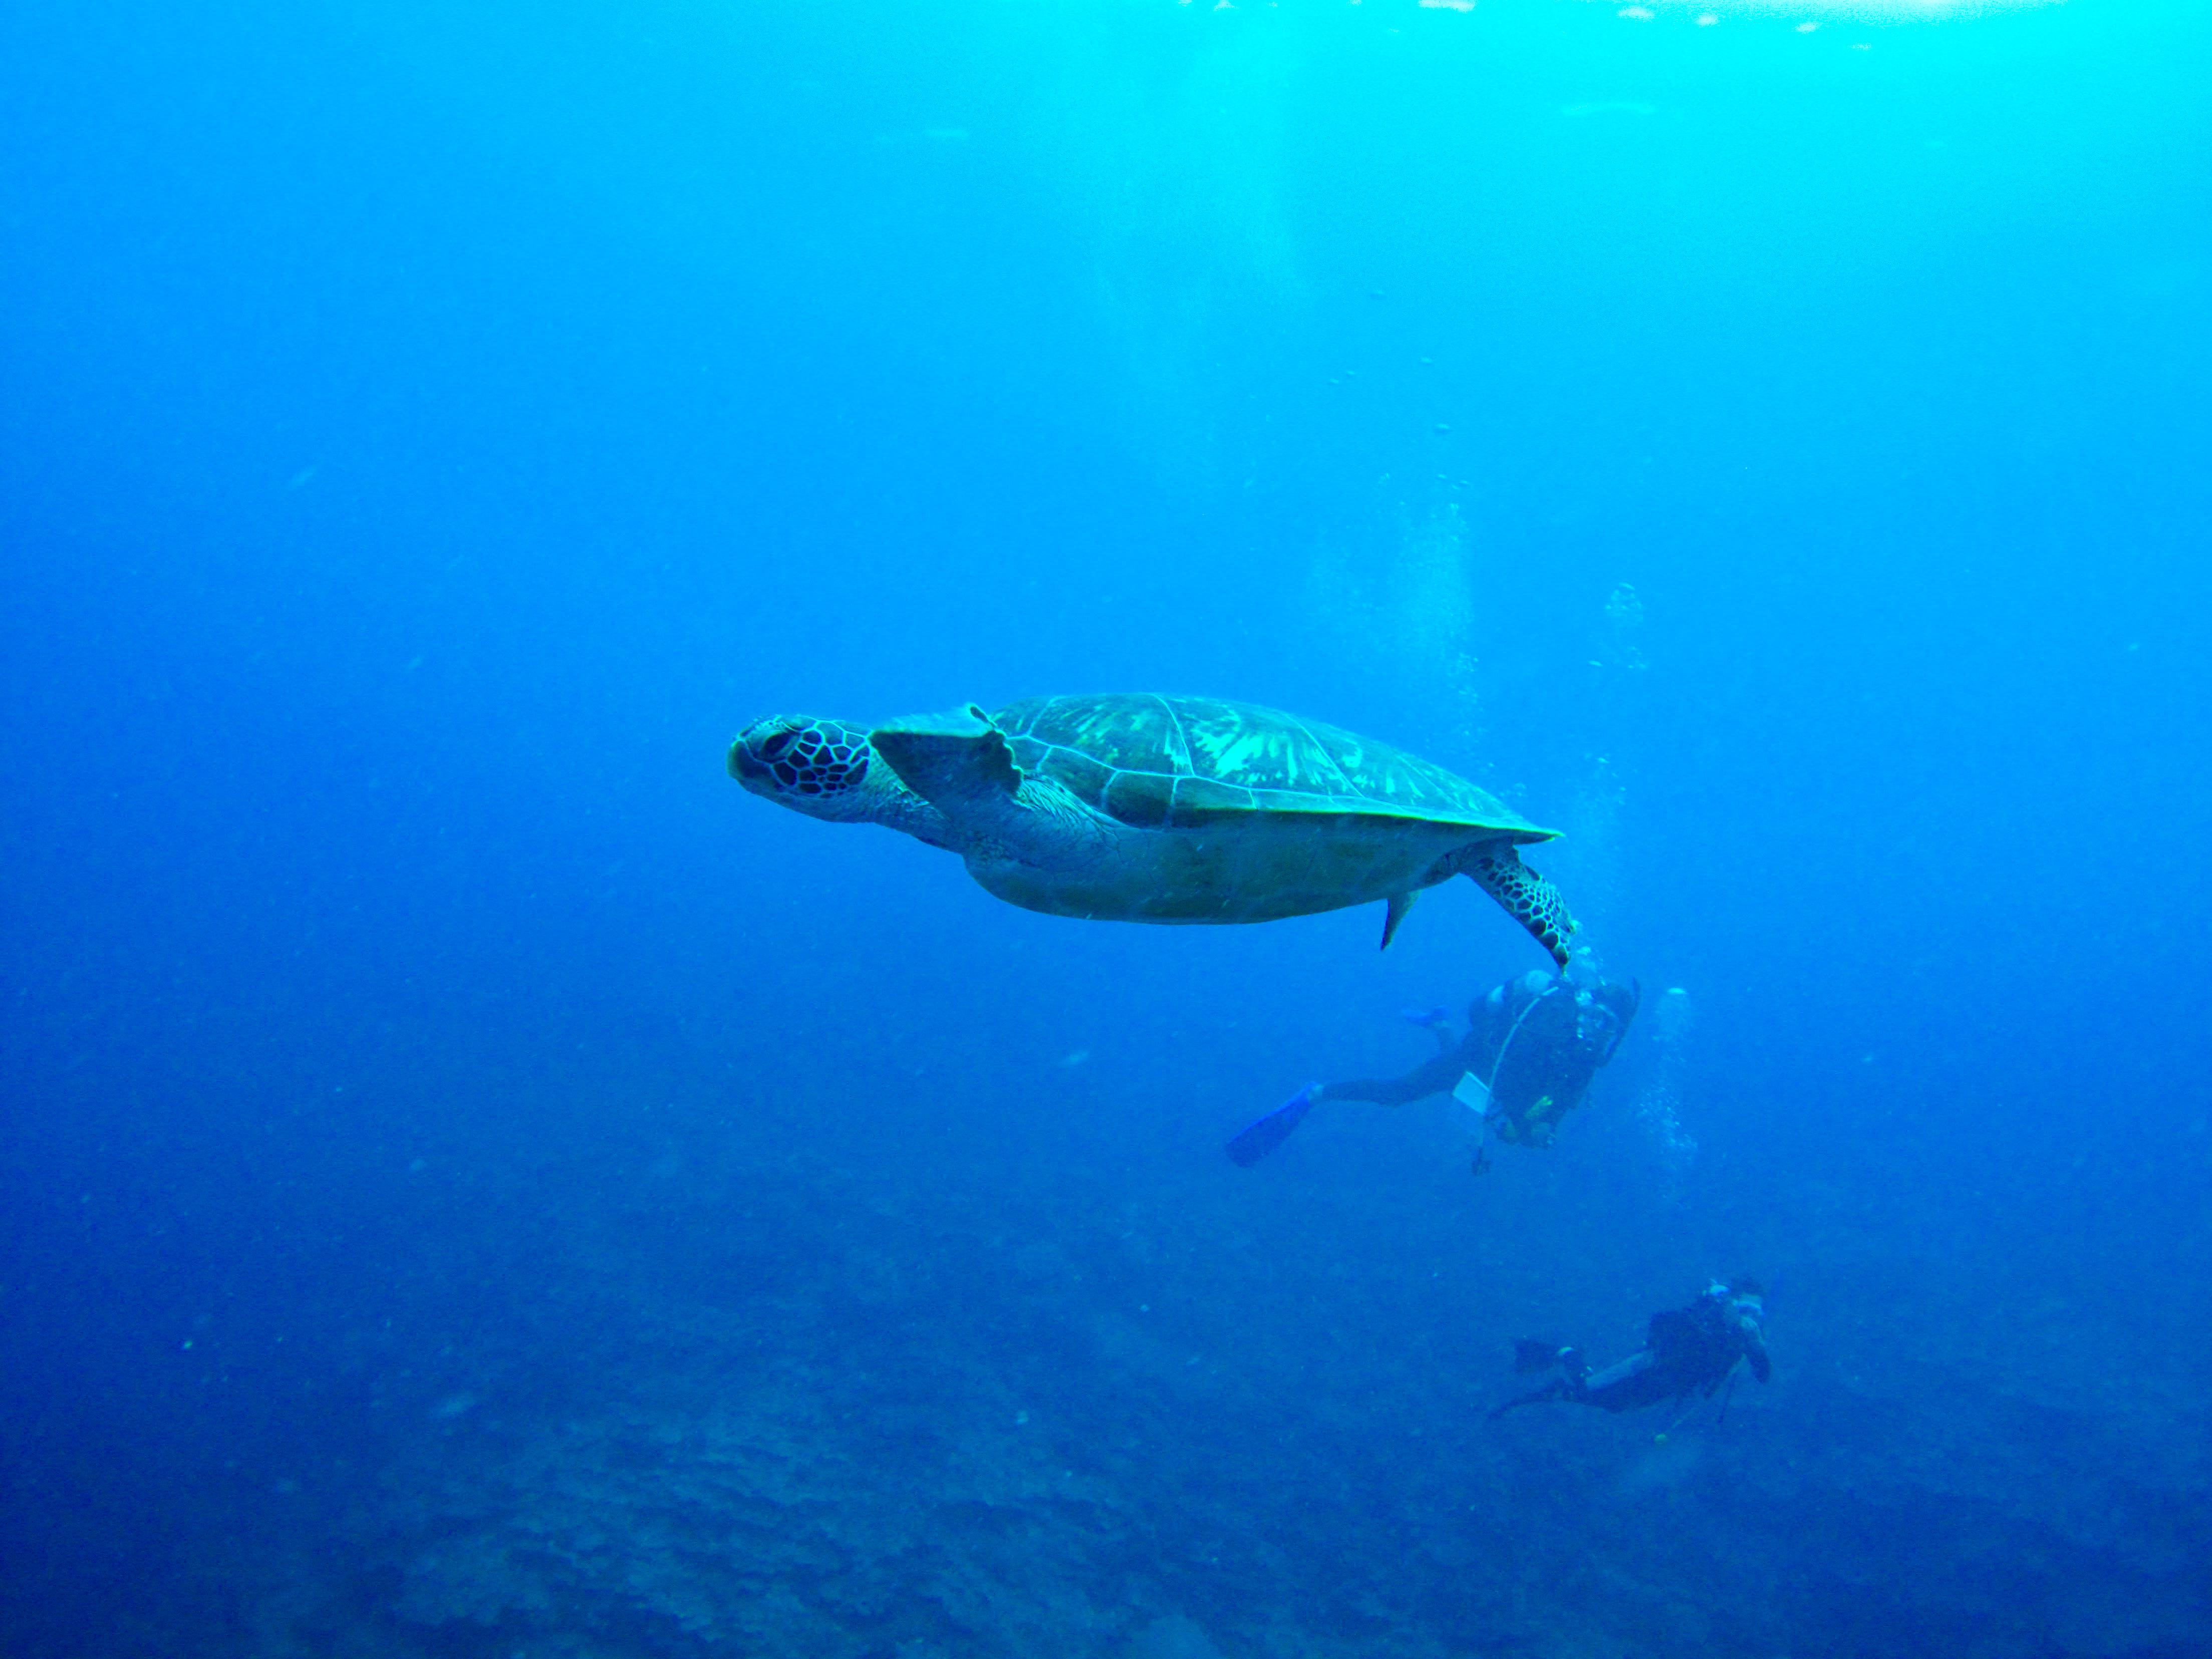 神秘的な雰囲気を醸し出すウミガメ